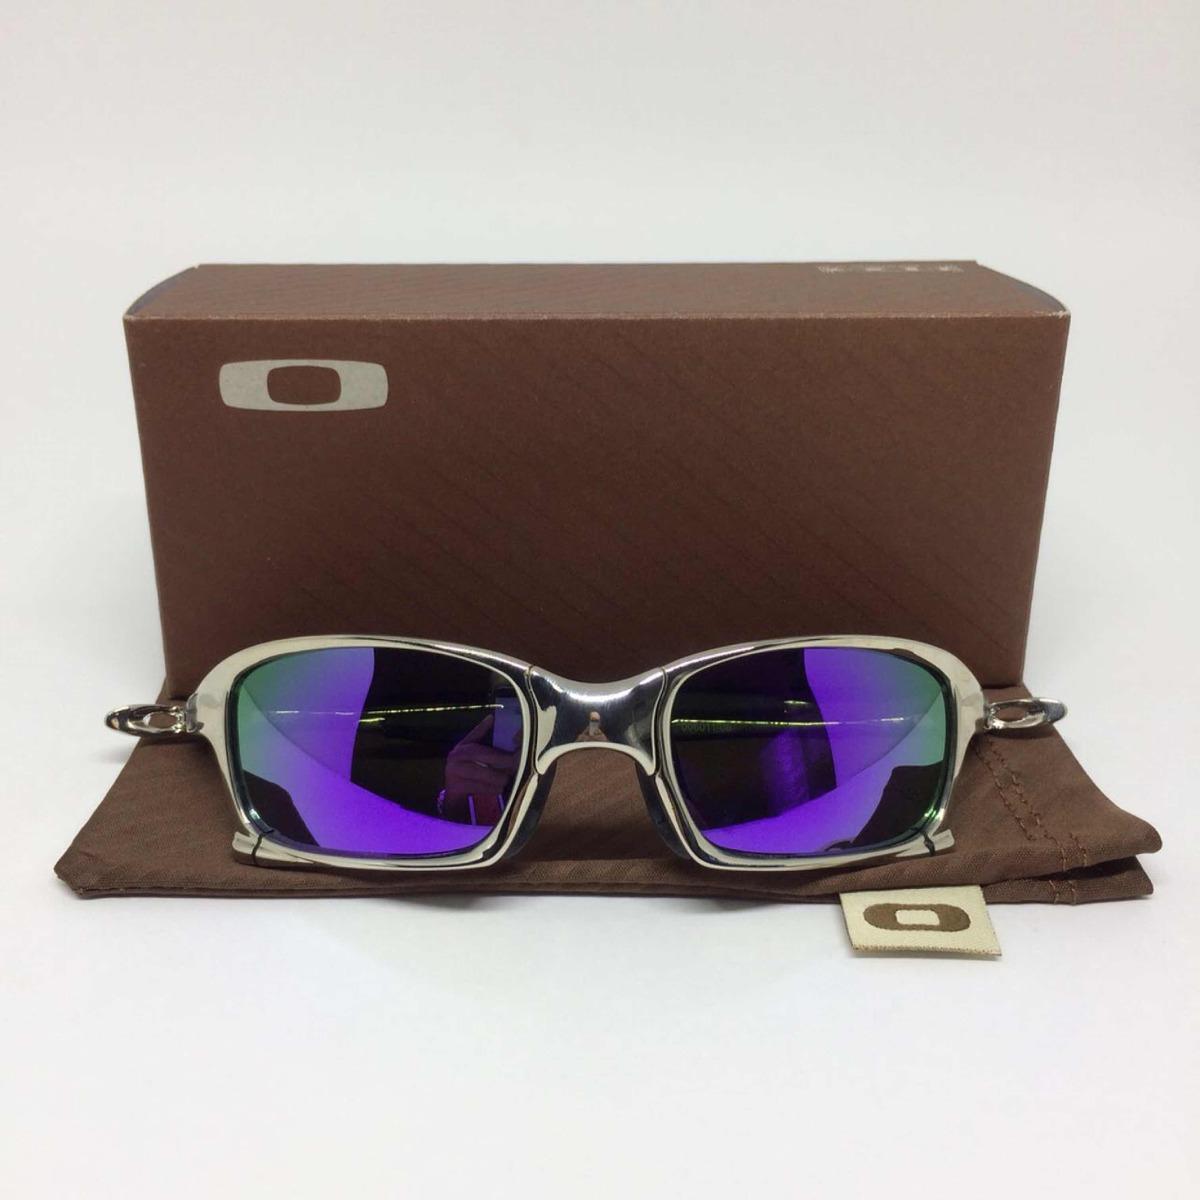 228f674672638 oculos oakley juliet squared armação prata lente roxa. Carregando zoom.